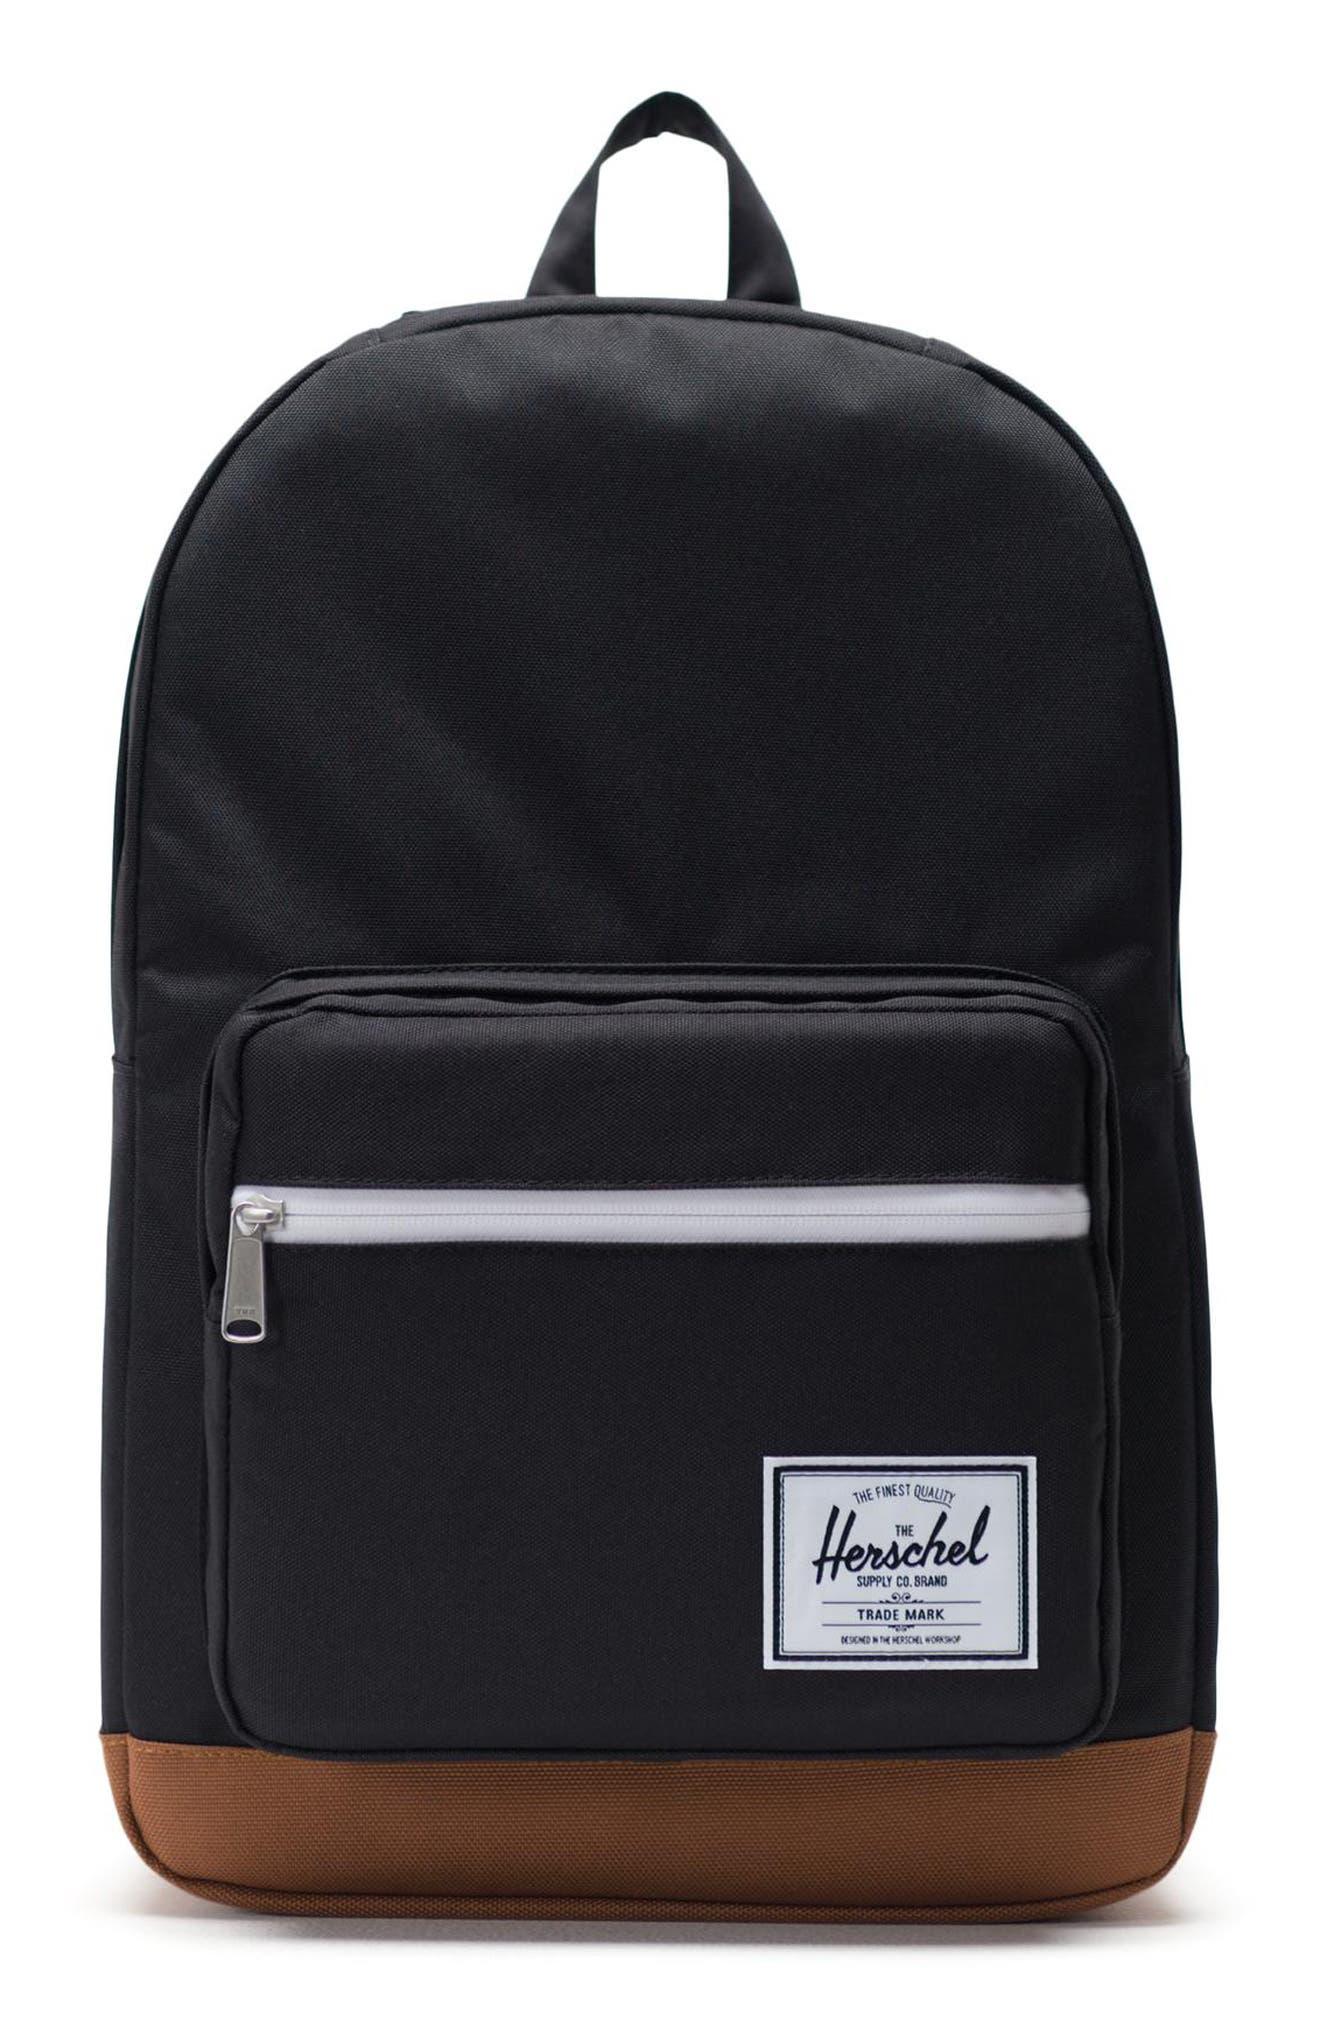 HERSCHEL SUPPLY CO. Pop Quiz Backpack, Main, color, BLACK/ SADDLE BROWN